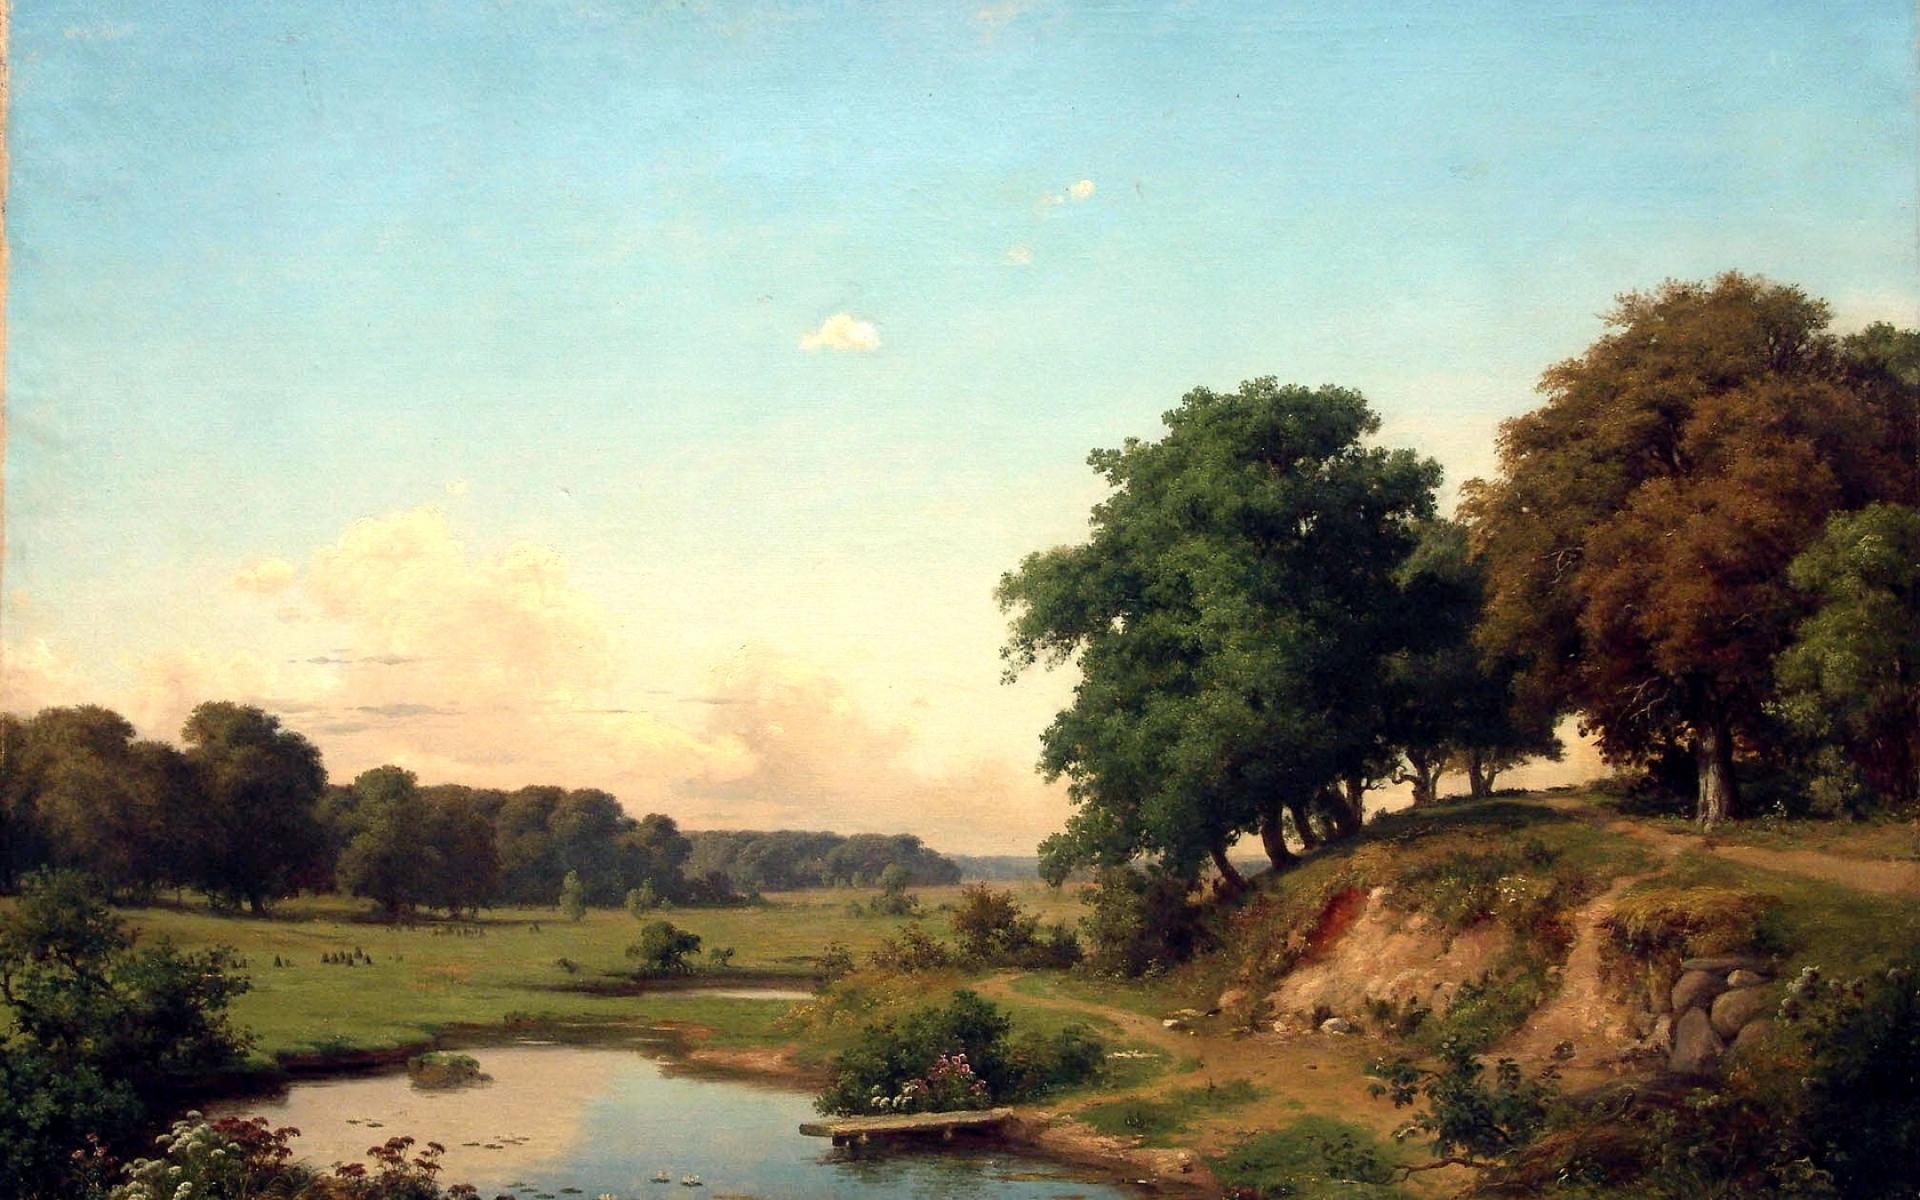 Картинки Пейзаж, искусство, деревья, лето, небо фото и обои на рабочий стол